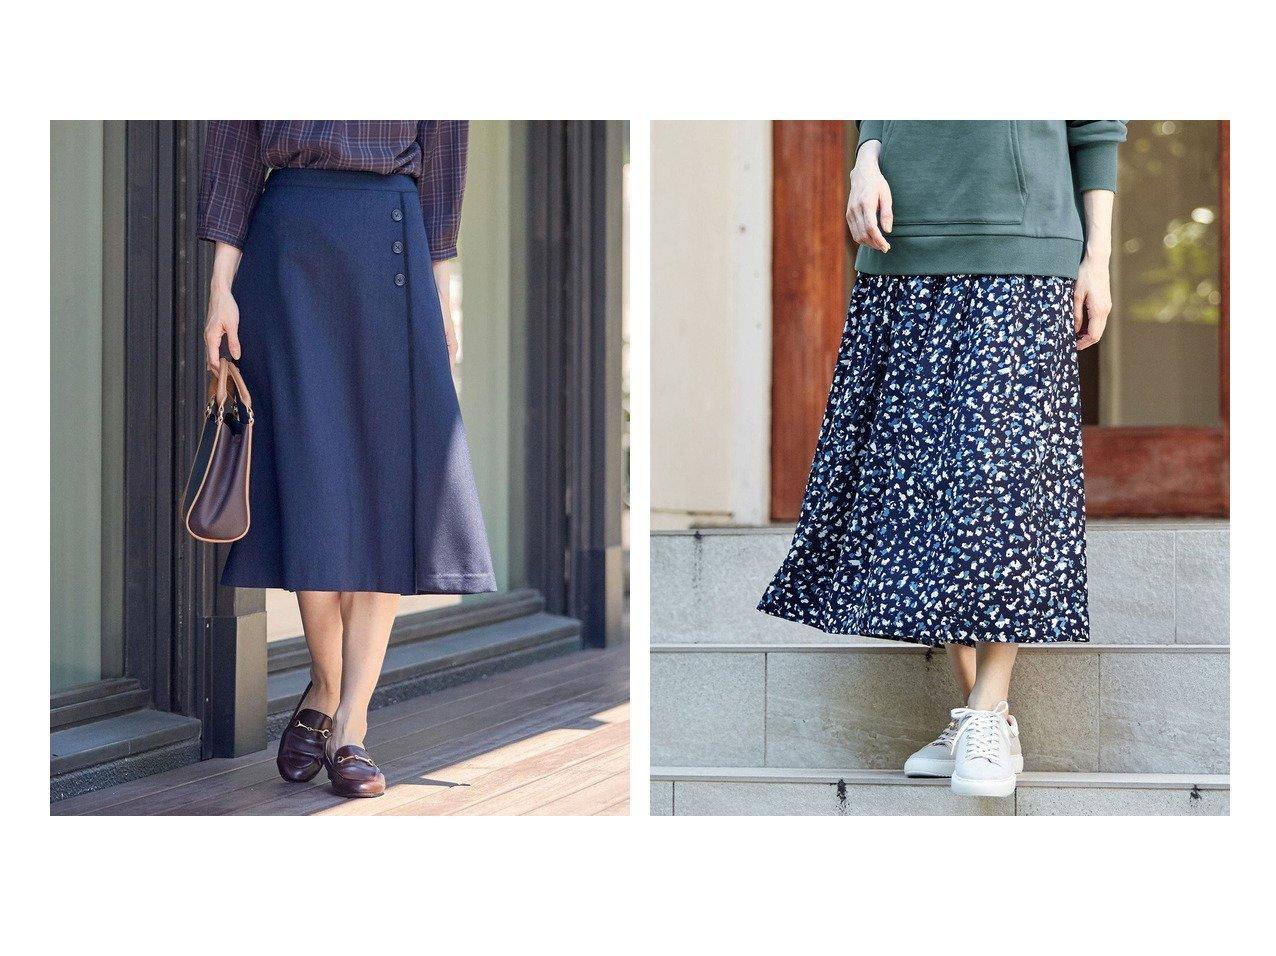 【J.PRESS/ジェイ プレス】の【洗える】LANATECヘリンボン スカート&【洗える】バックサテングラフィックパターン スカート 【スカート】おすすめ!人気、トレンド・レディースファッションの通販 おすすめで人気の流行・トレンド、ファッションの通販商品 インテリア・家具・メンズファッション・キッズファッション・レディースファッション・服の通販 founy(ファニー) https://founy.com/ ファッション Fashion レディースファッション WOMEN スカート Skirt バッグ Bag 送料無料 Free Shipping シンプル スエード トリミング トレンド フィット ヘリンボン 洗える ギャザー ストレッチ 秋 Autumn/Fall  ID:crp329100000065345